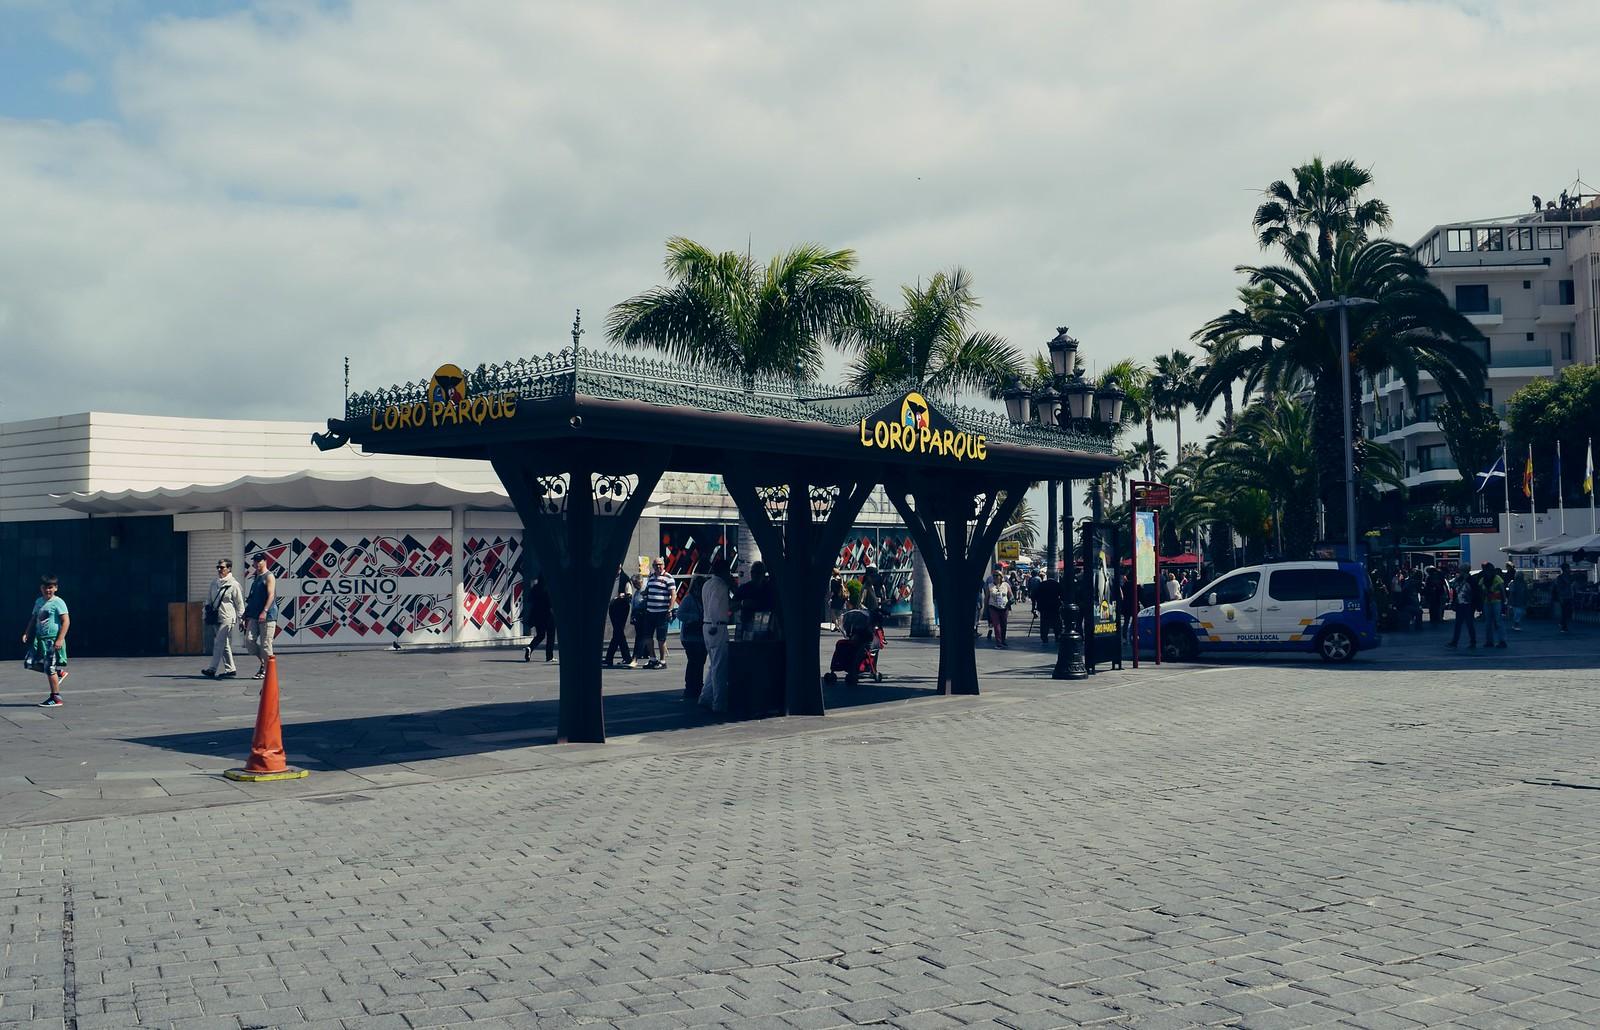 Loro Parque bus stop